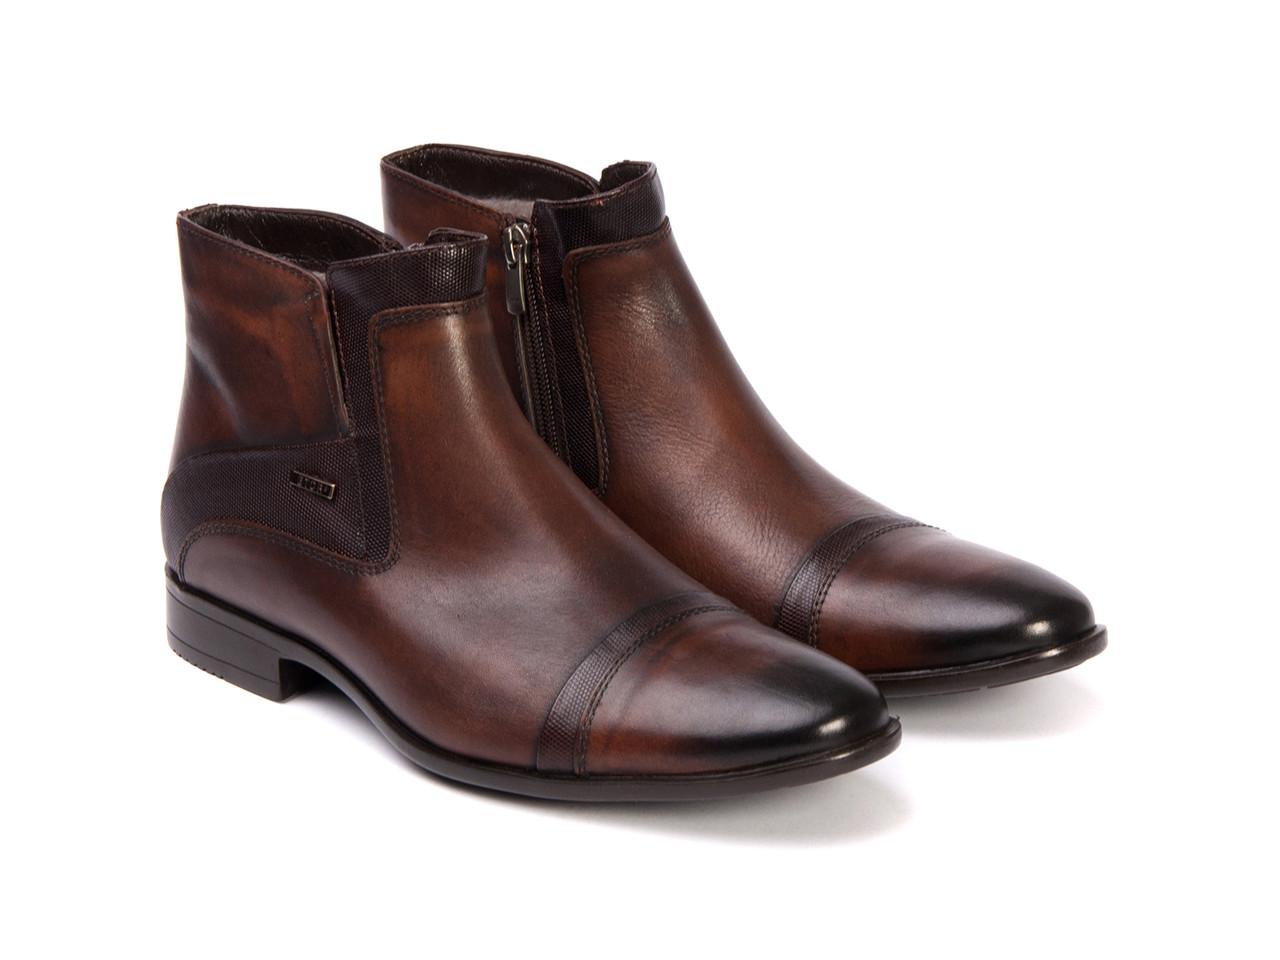 Ботинки Etor 11039-3615 коричневые